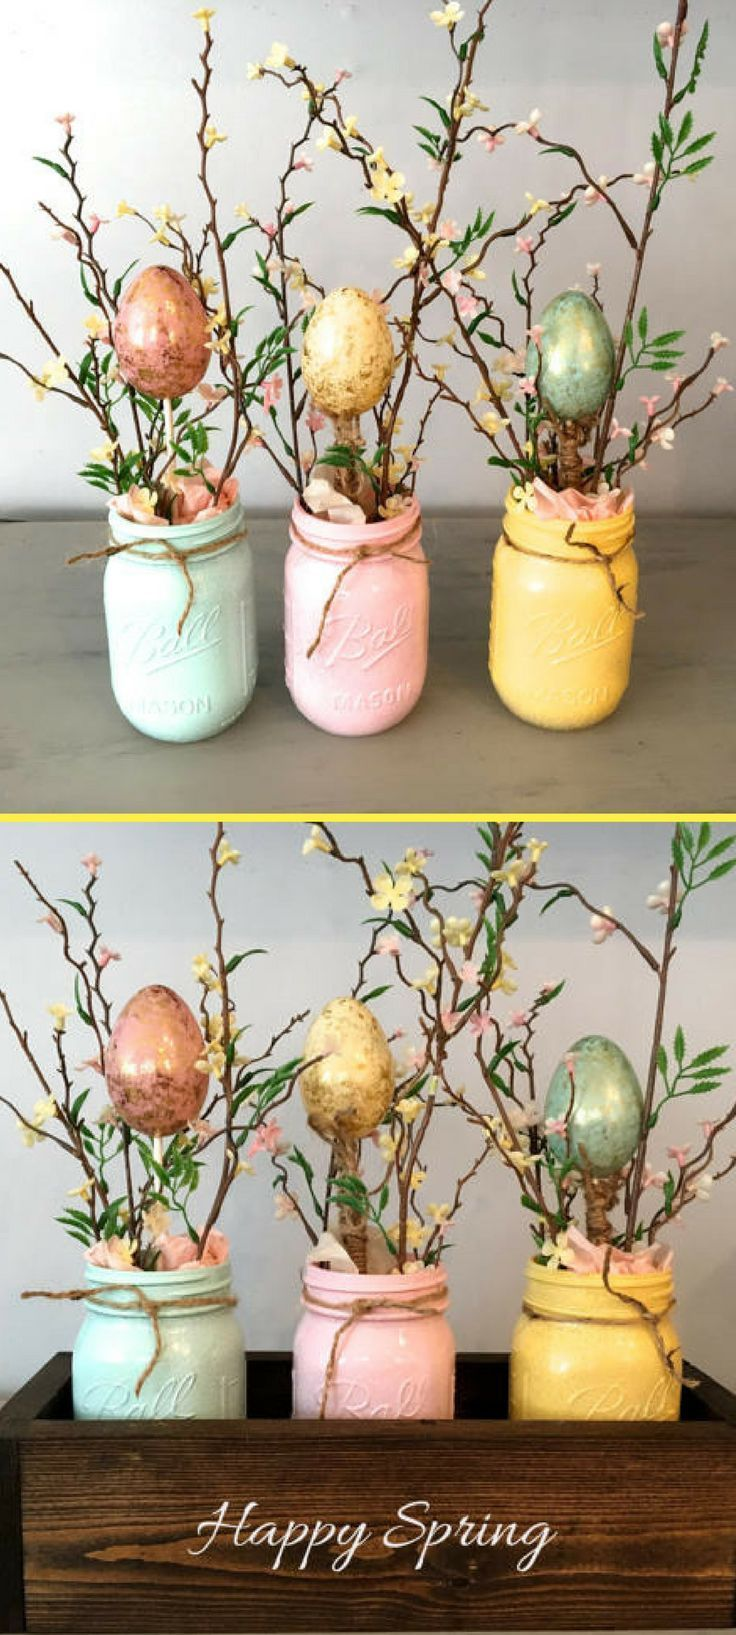 Wie süß! Liebe, dass die Box personalisiert werden kann. Fröhlichen Frühling. Frohe Ostern. Anders – Holz Tisch